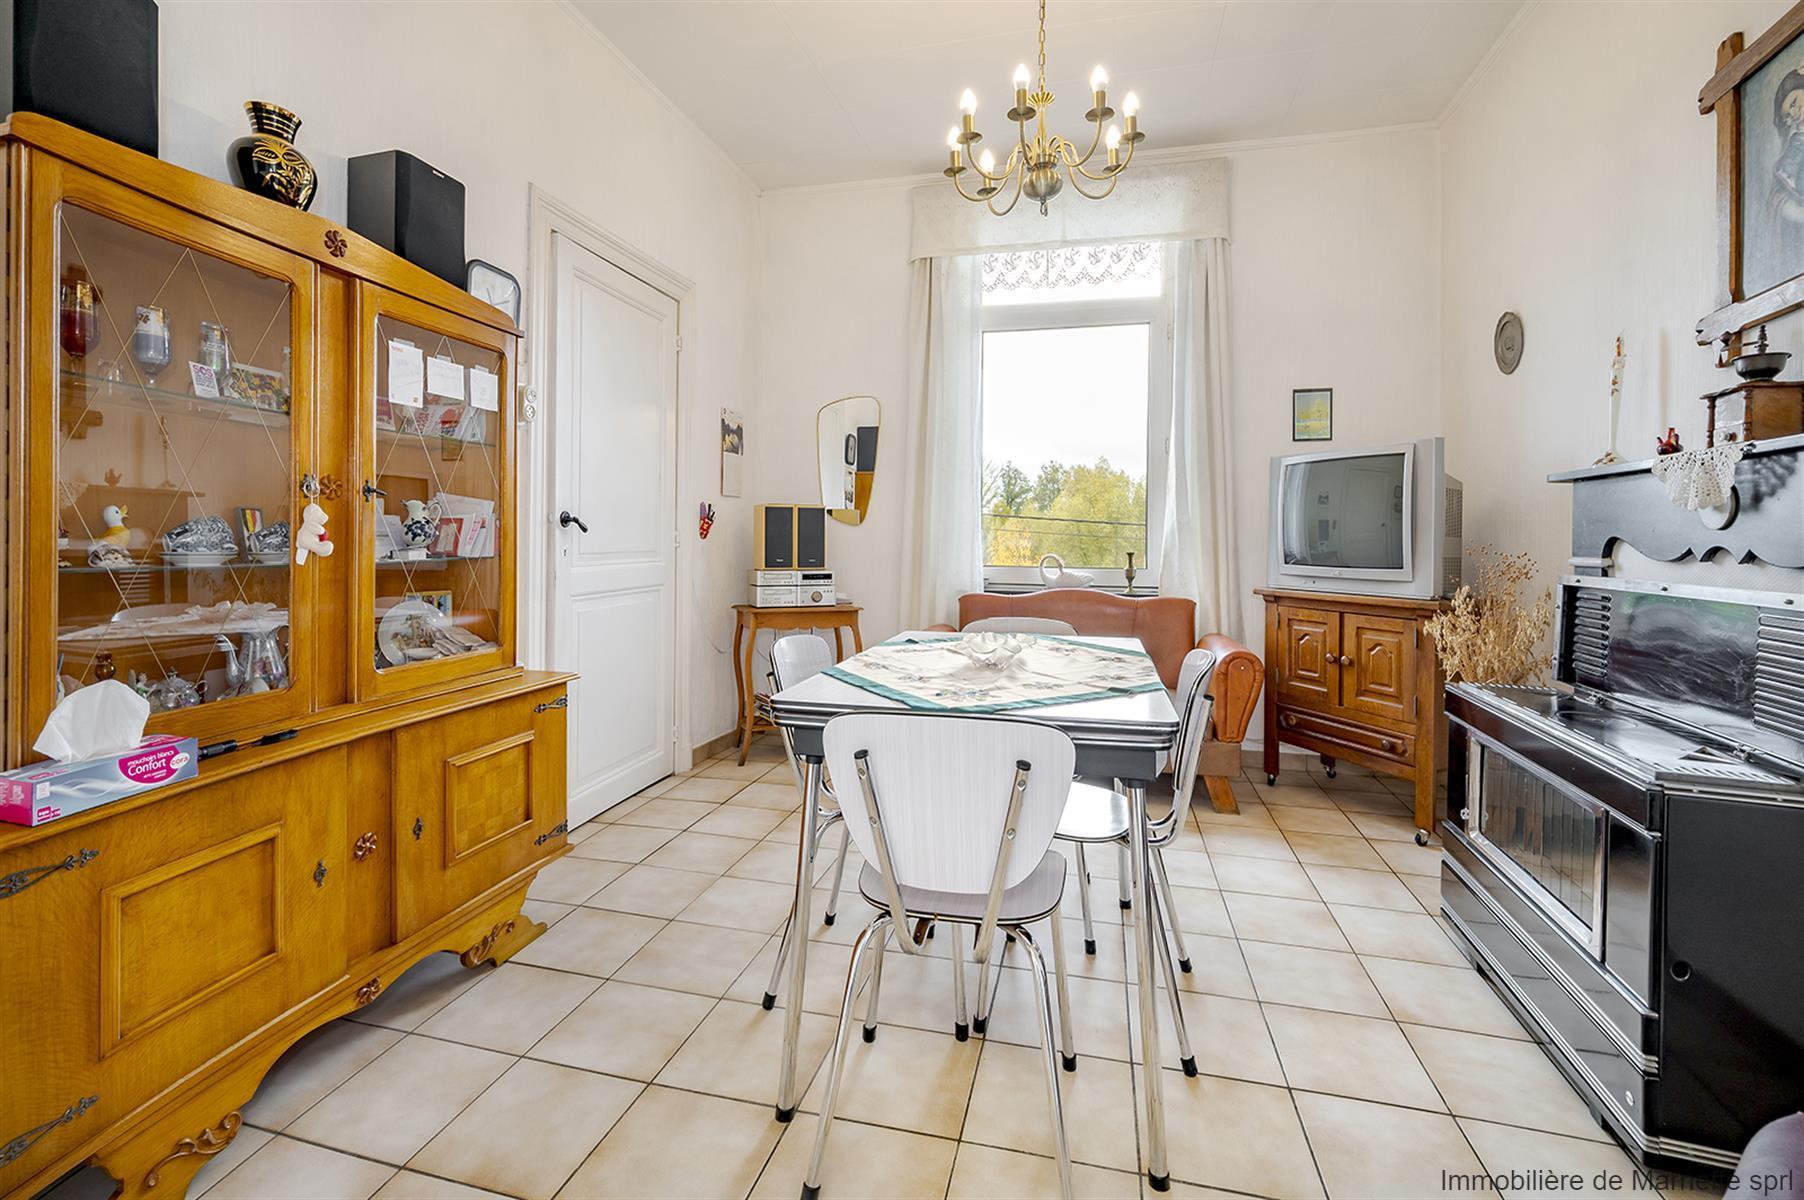 Maison - Villers-le-Bouillet - #3972205-5